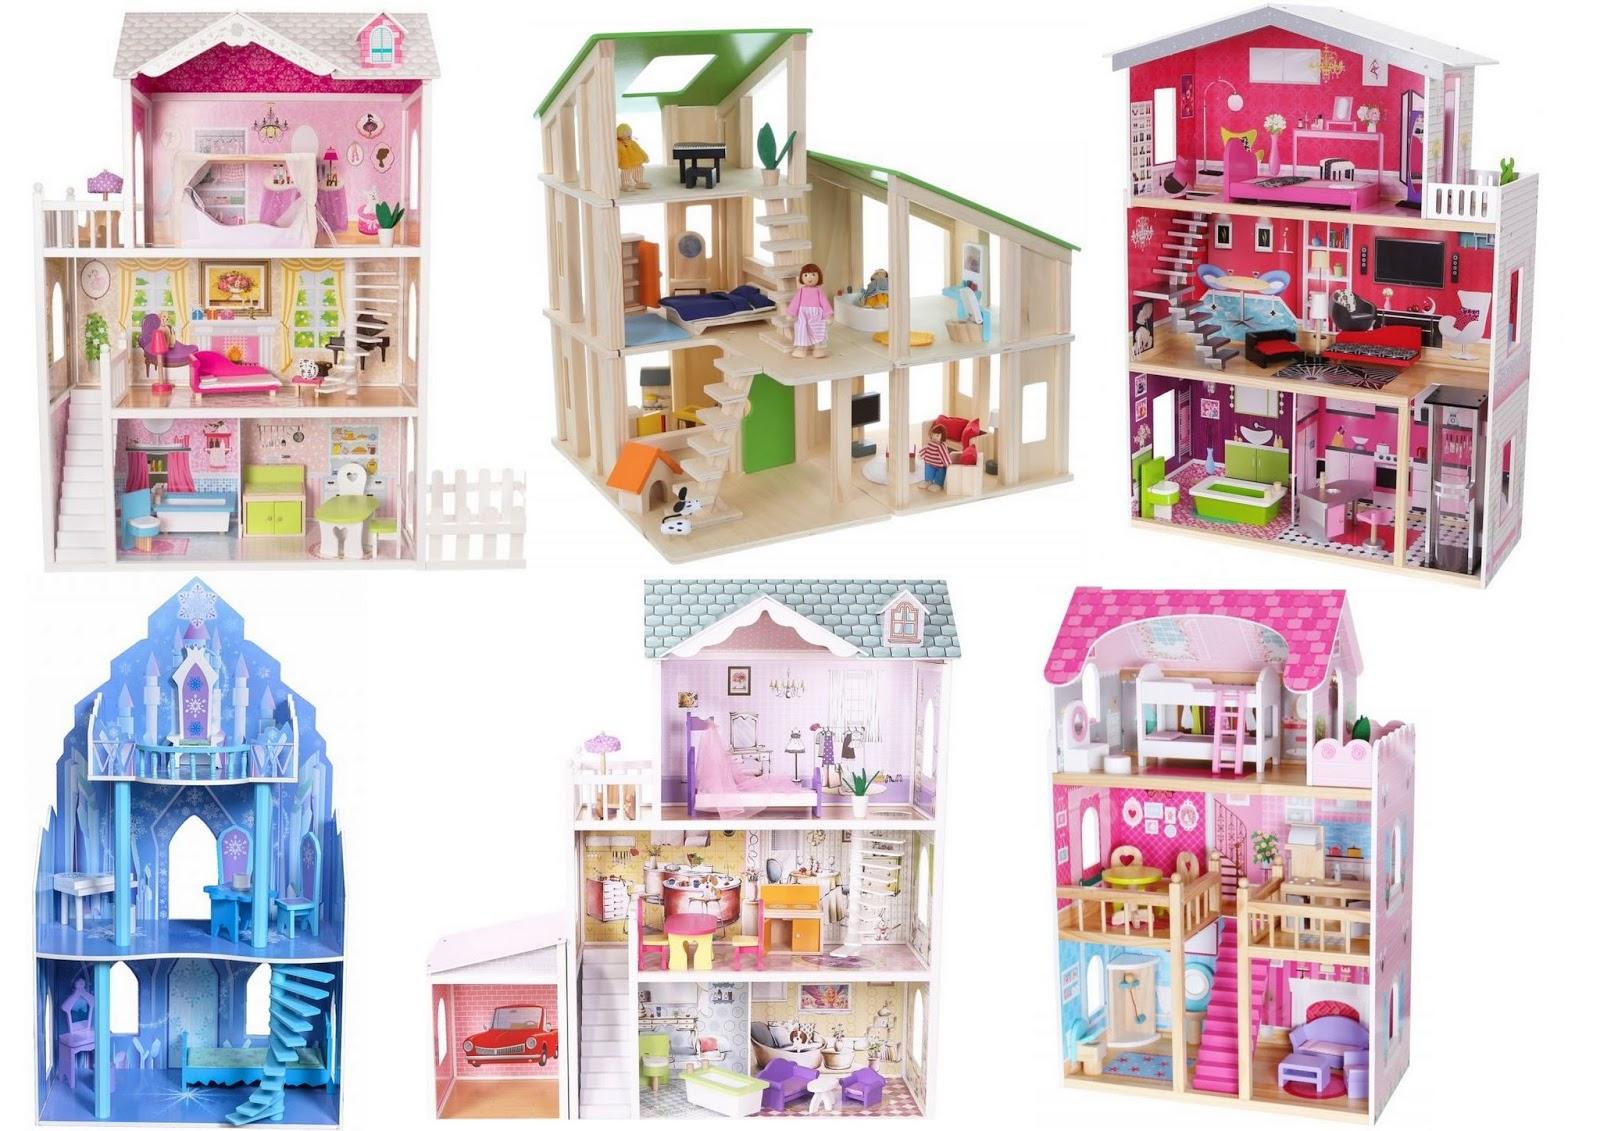 Przegląd domków dla lalek i KONKURS!